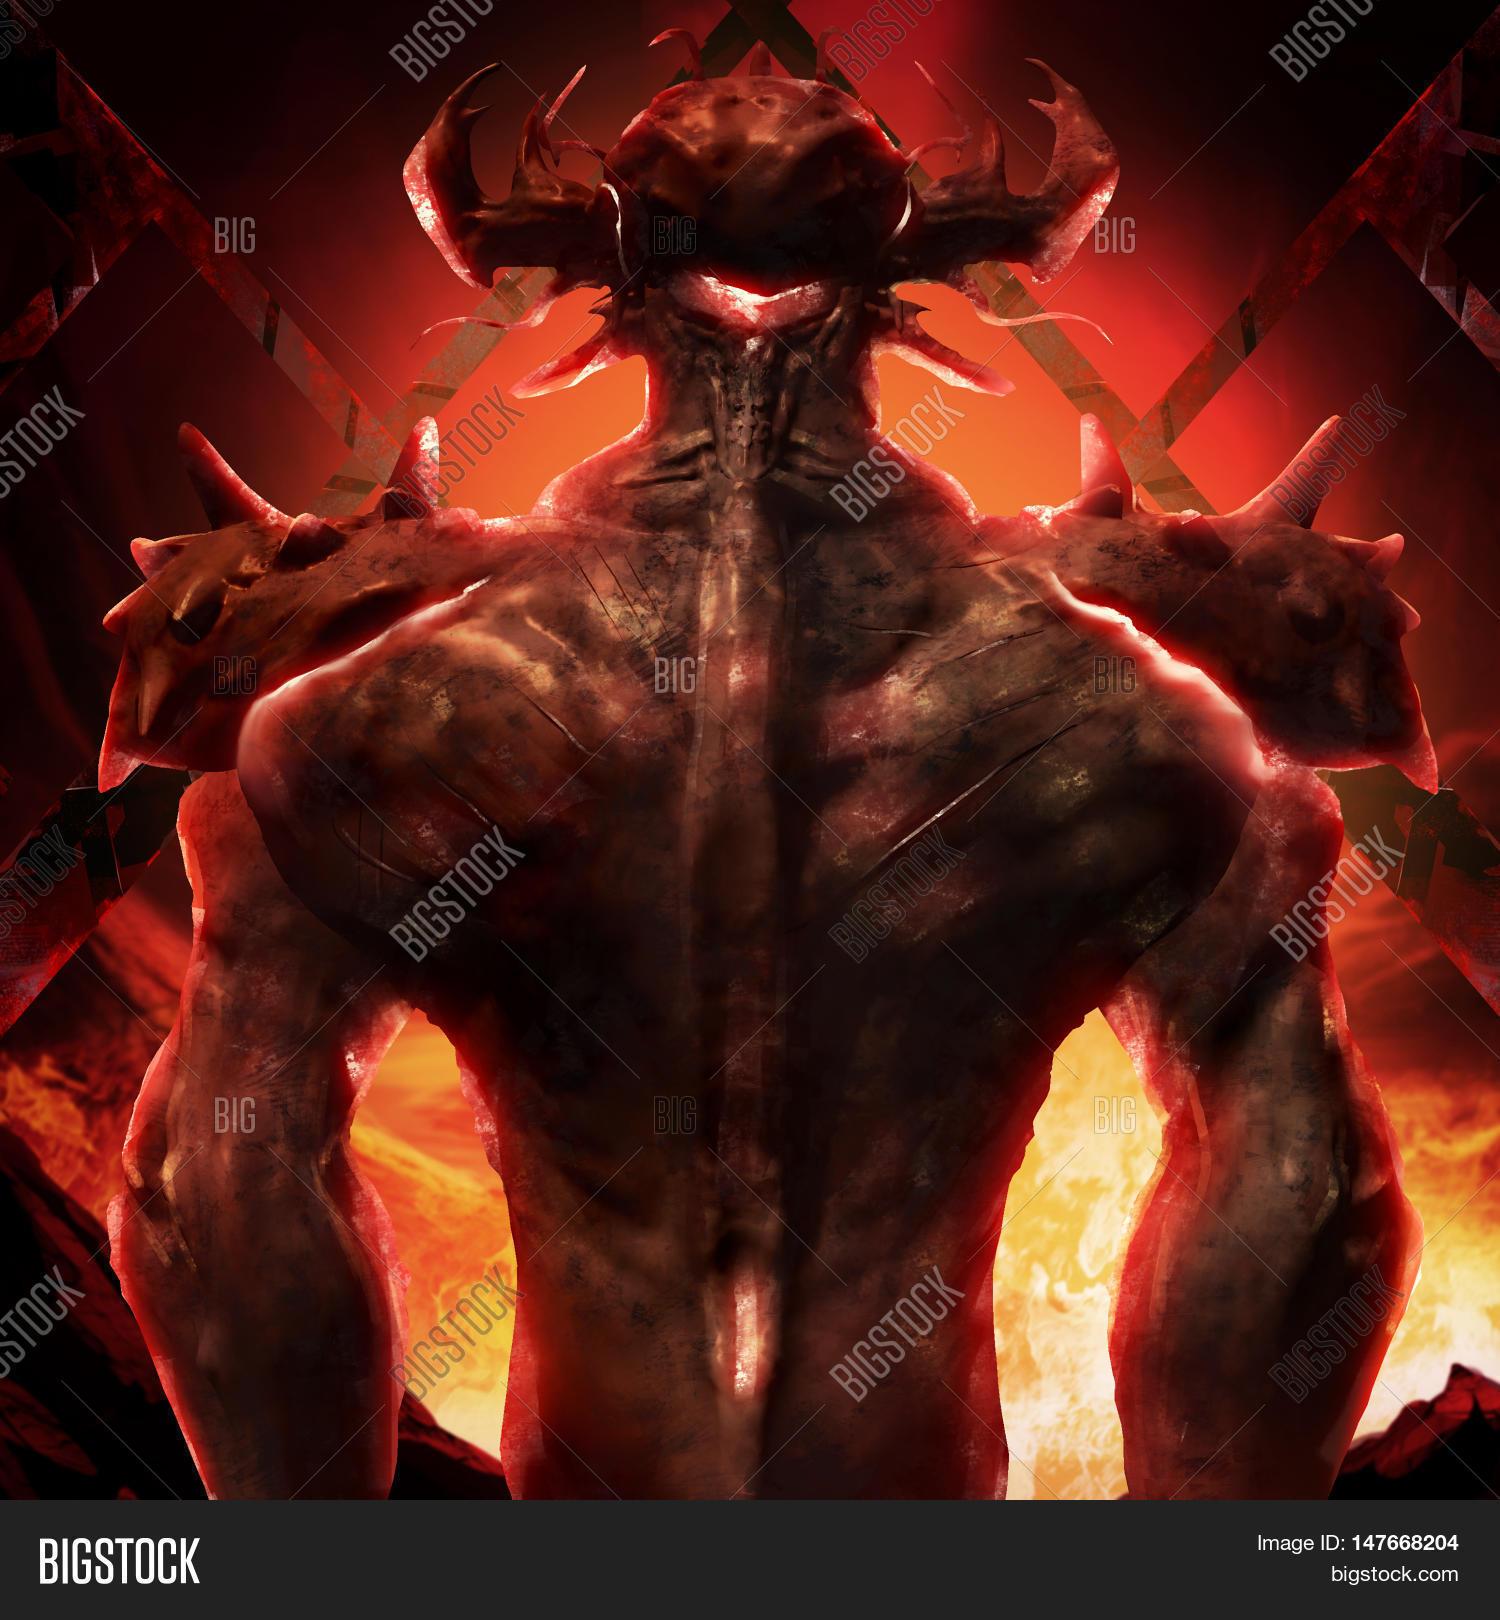 3d illustration devil image photo free trial bigstock 3d illustration of a devil back art artwork of a muscle built hell monster back voltagebd Images